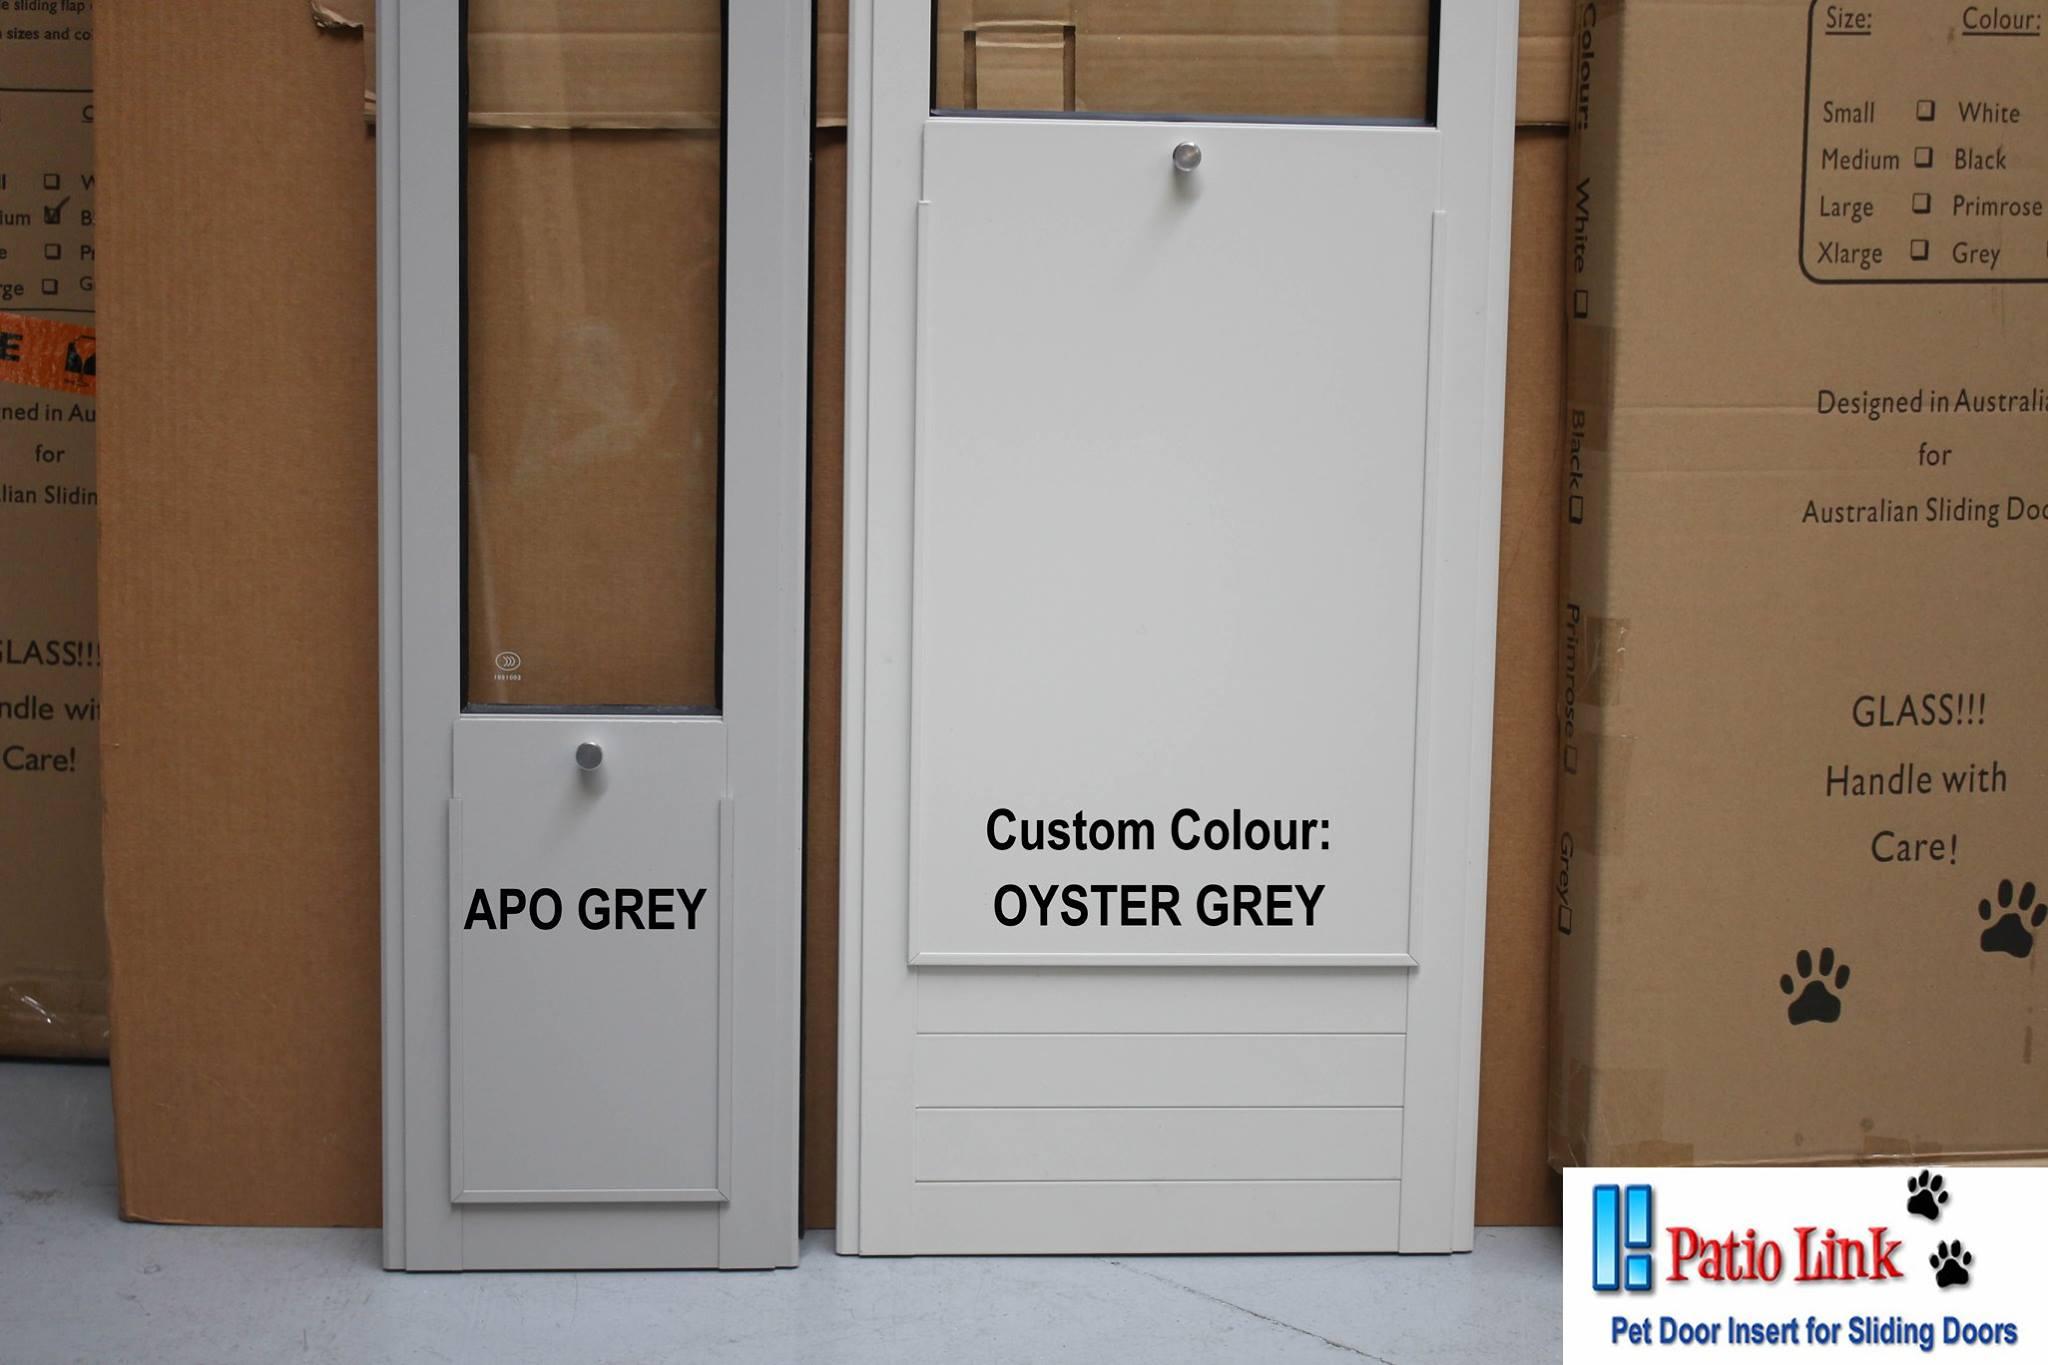 Standard VS Custom Colour